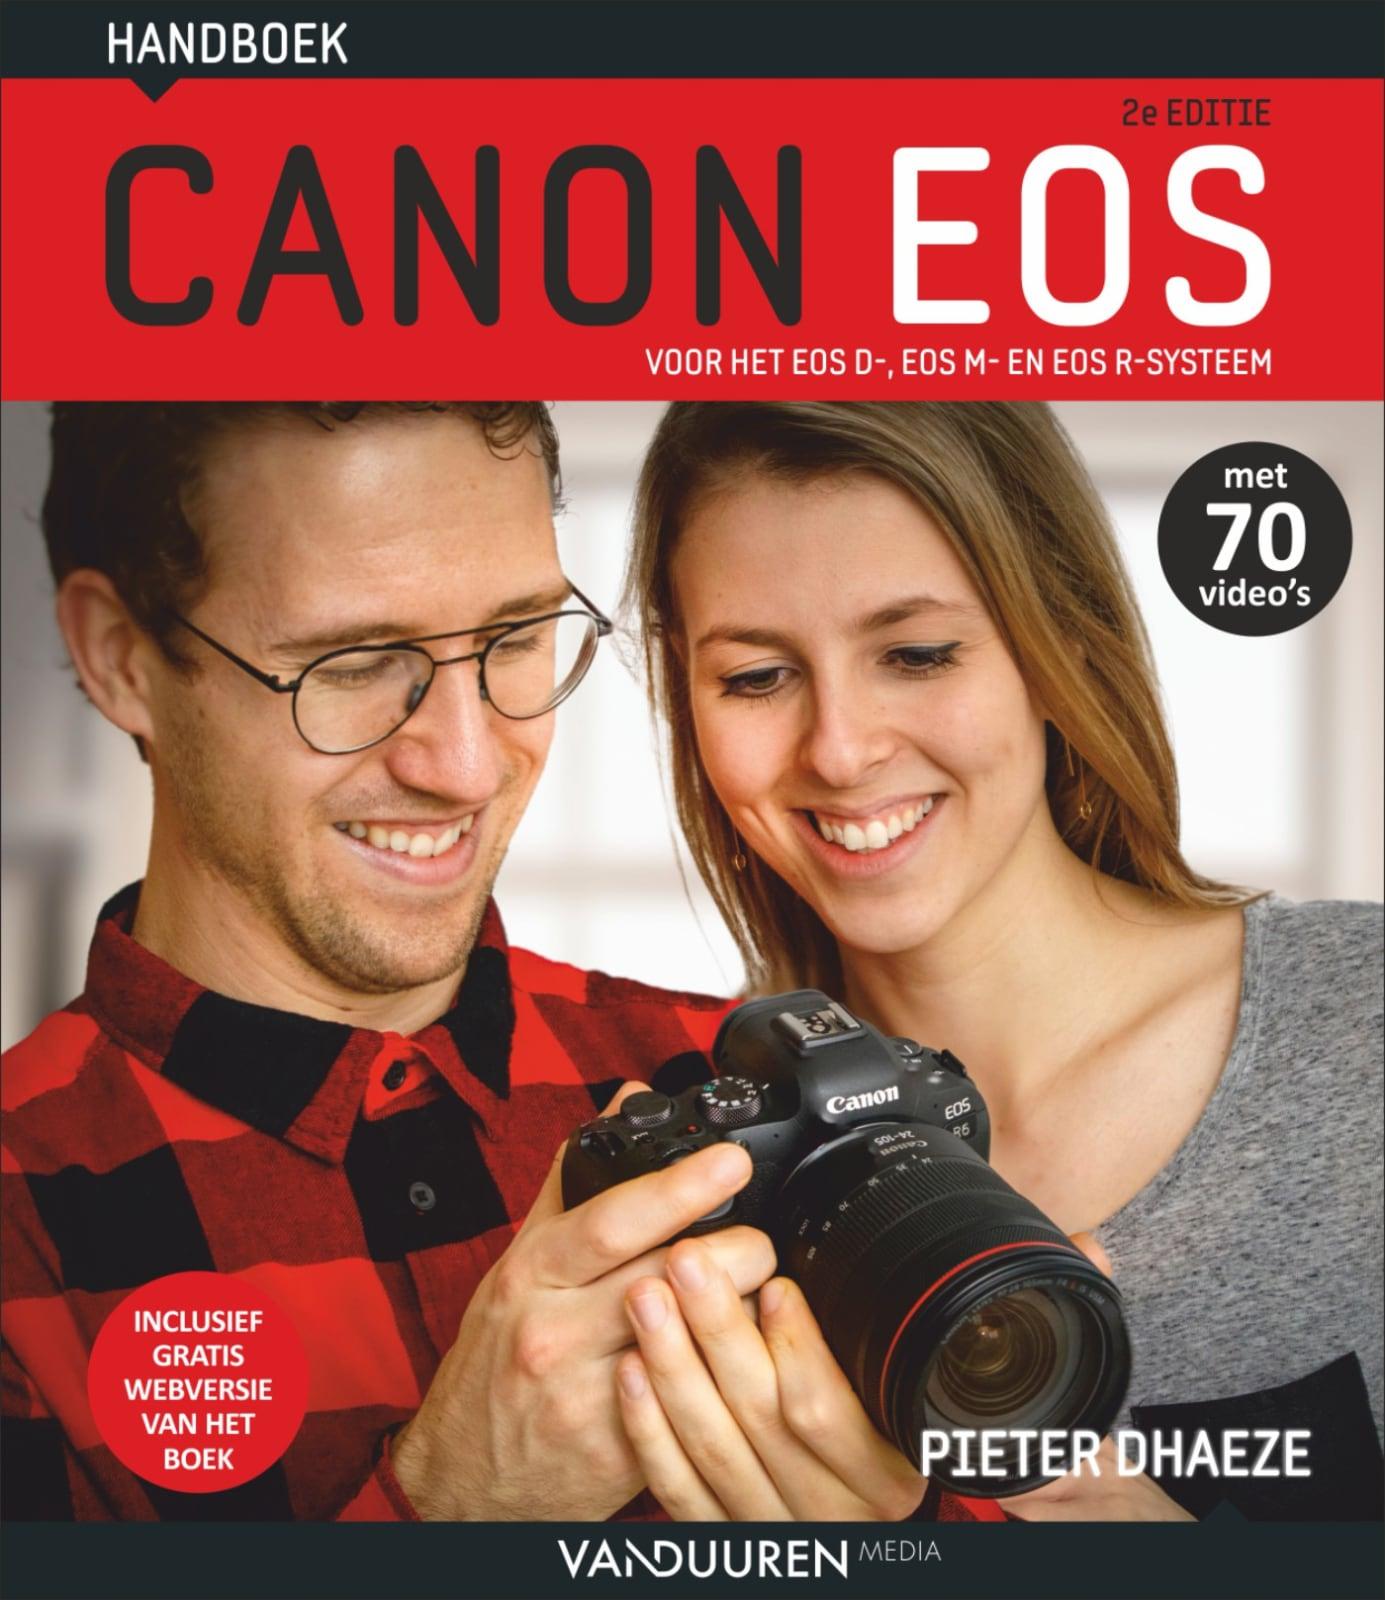 Handboek Canon EOS, 2e editie - Pieter Dhaeze. Voor het EOS D-, EOS M- en EOS R-systeem, isbn 9789463561969